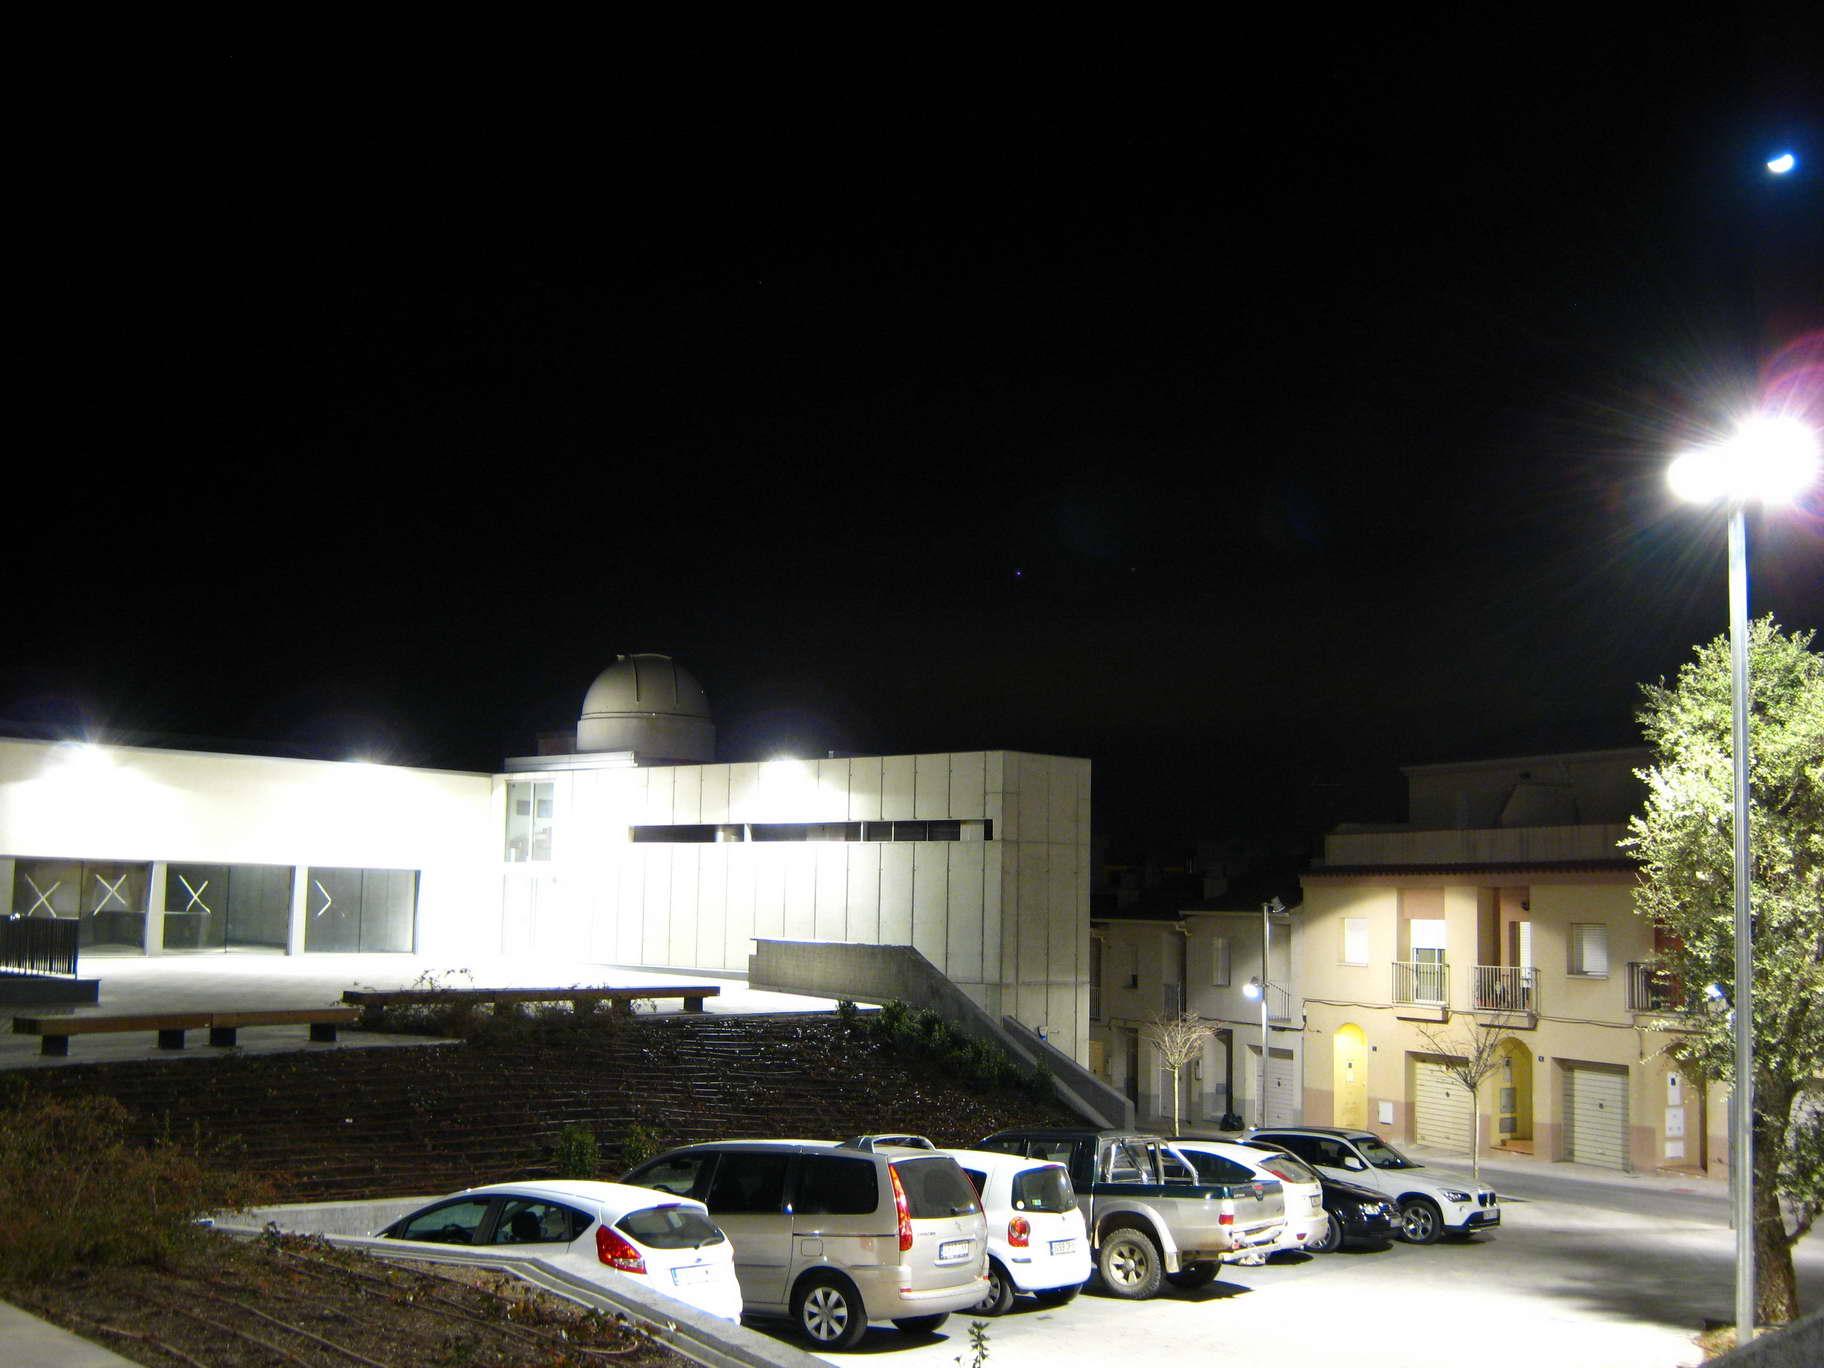 Contaminació lumínica amb 1 segon d'exposició